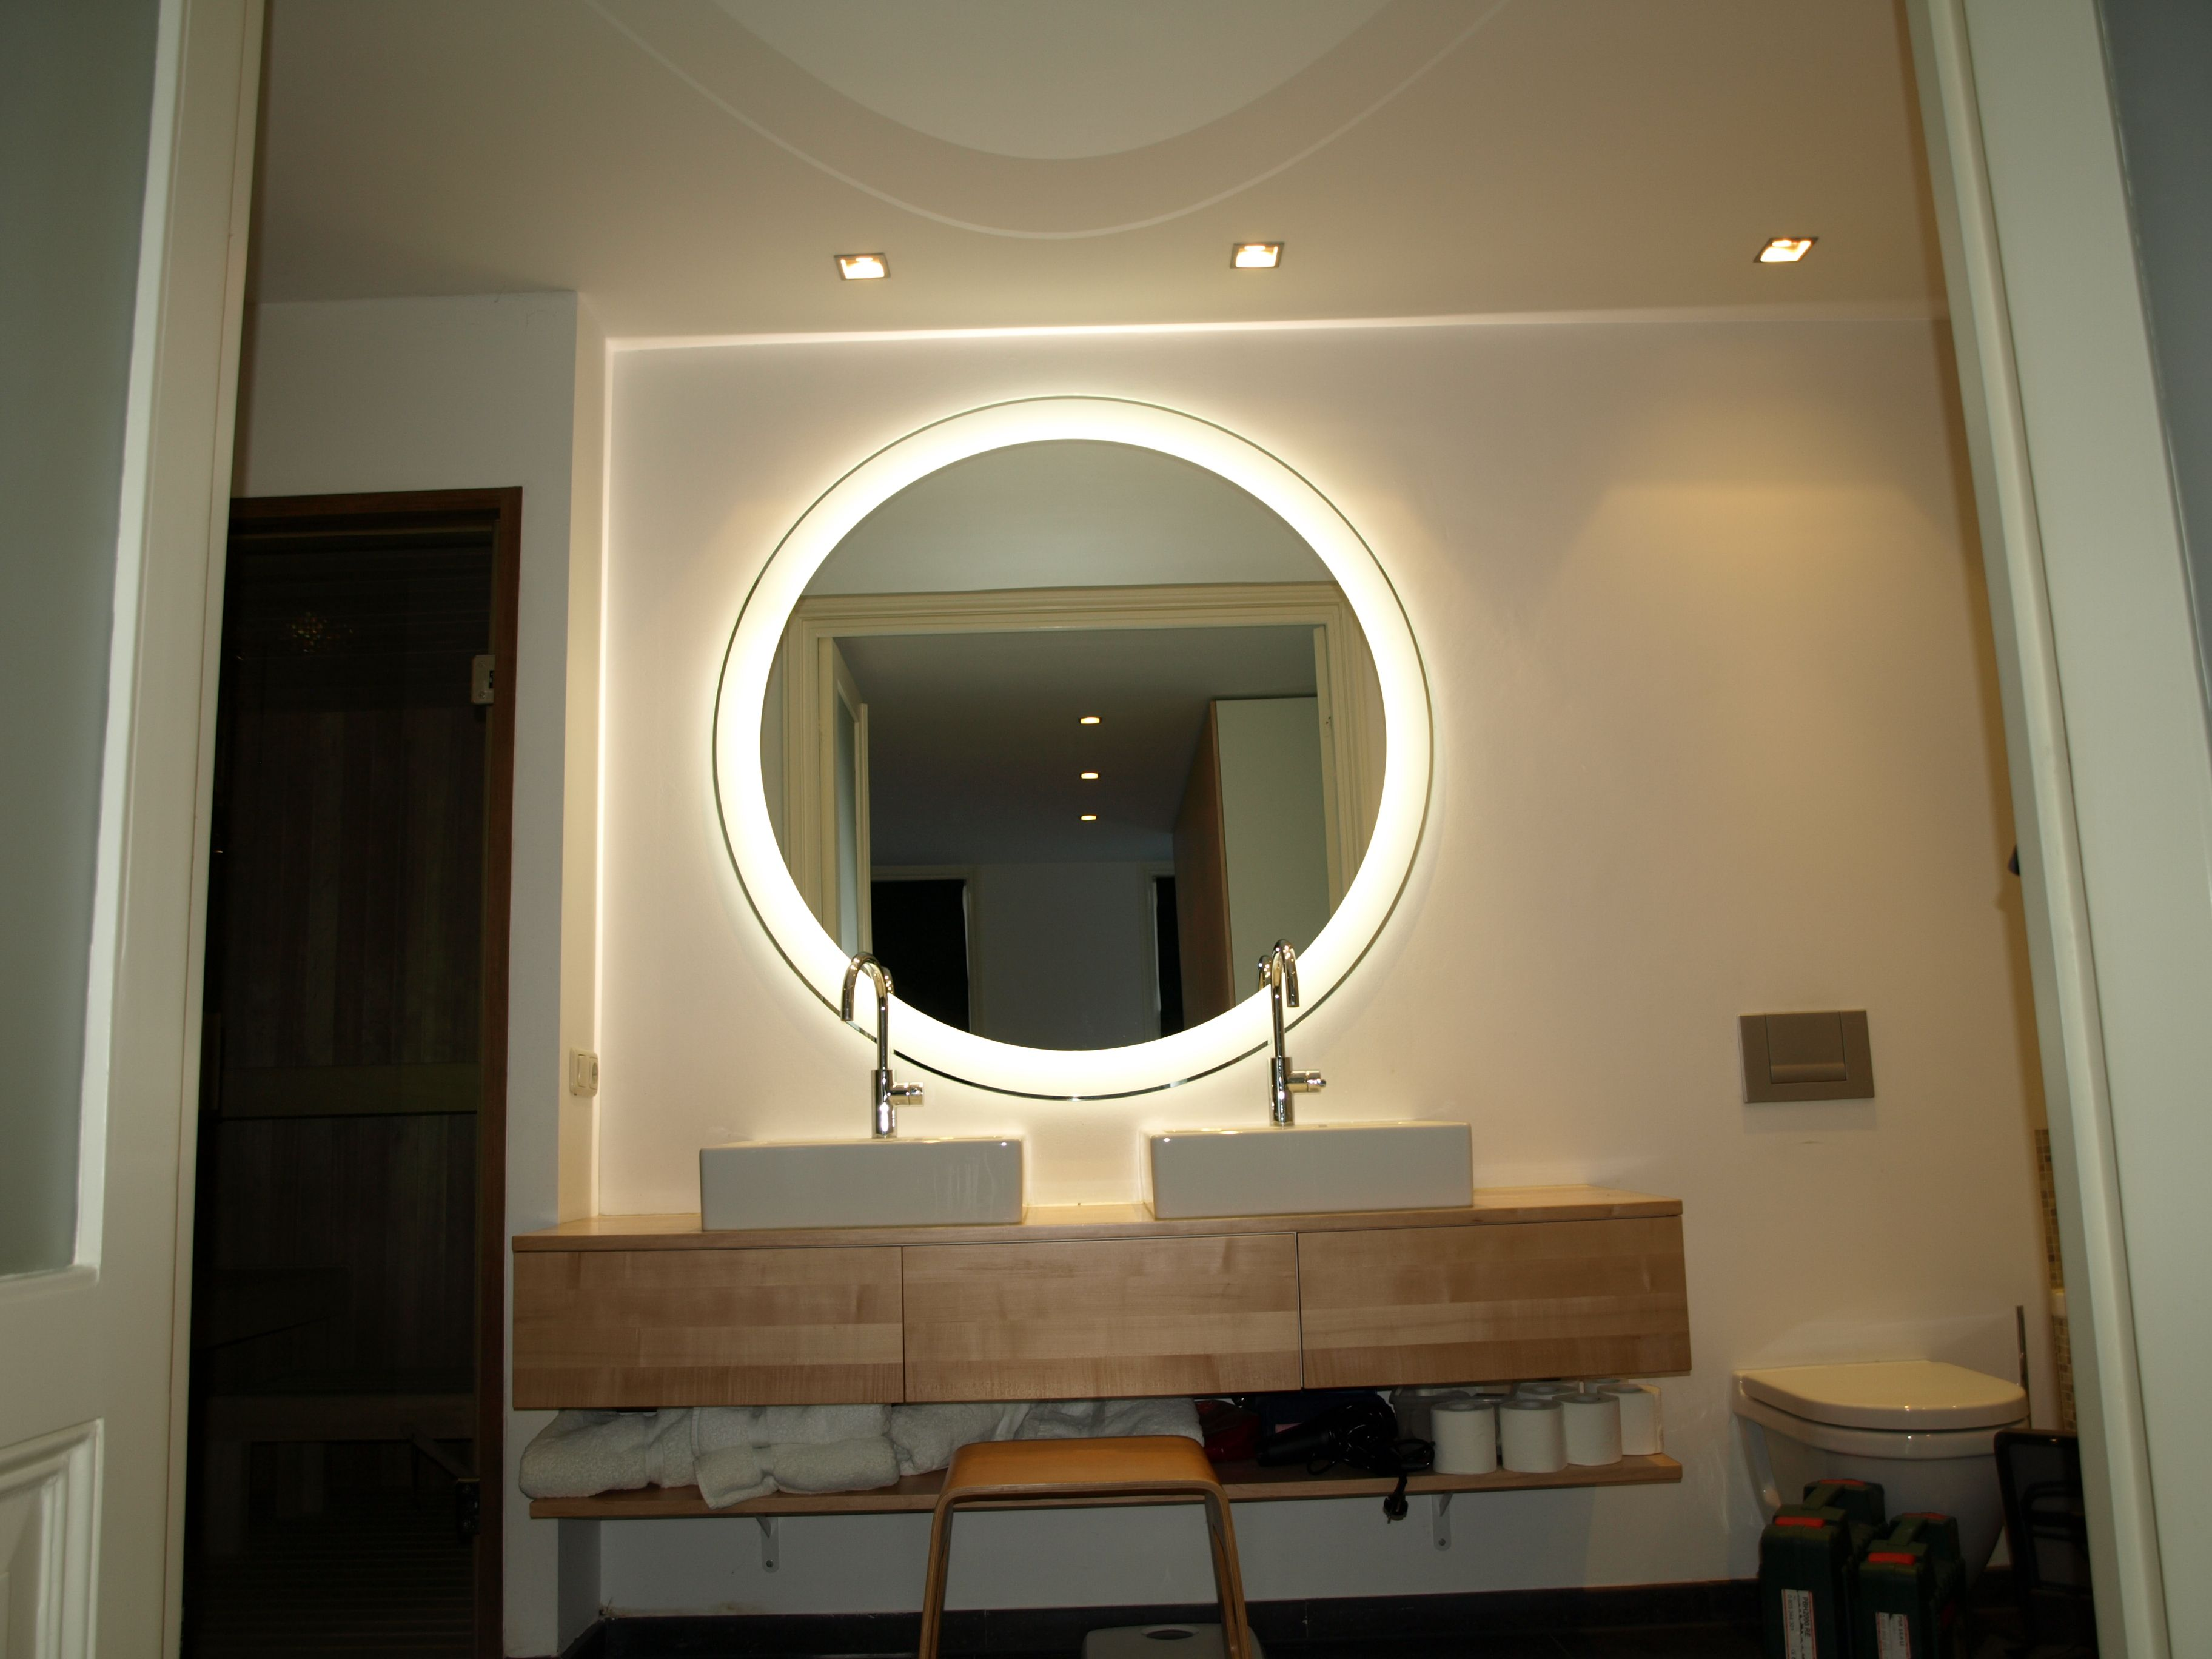 LED spiegel voor de badkamer. Grote ronde spiegel met led ...